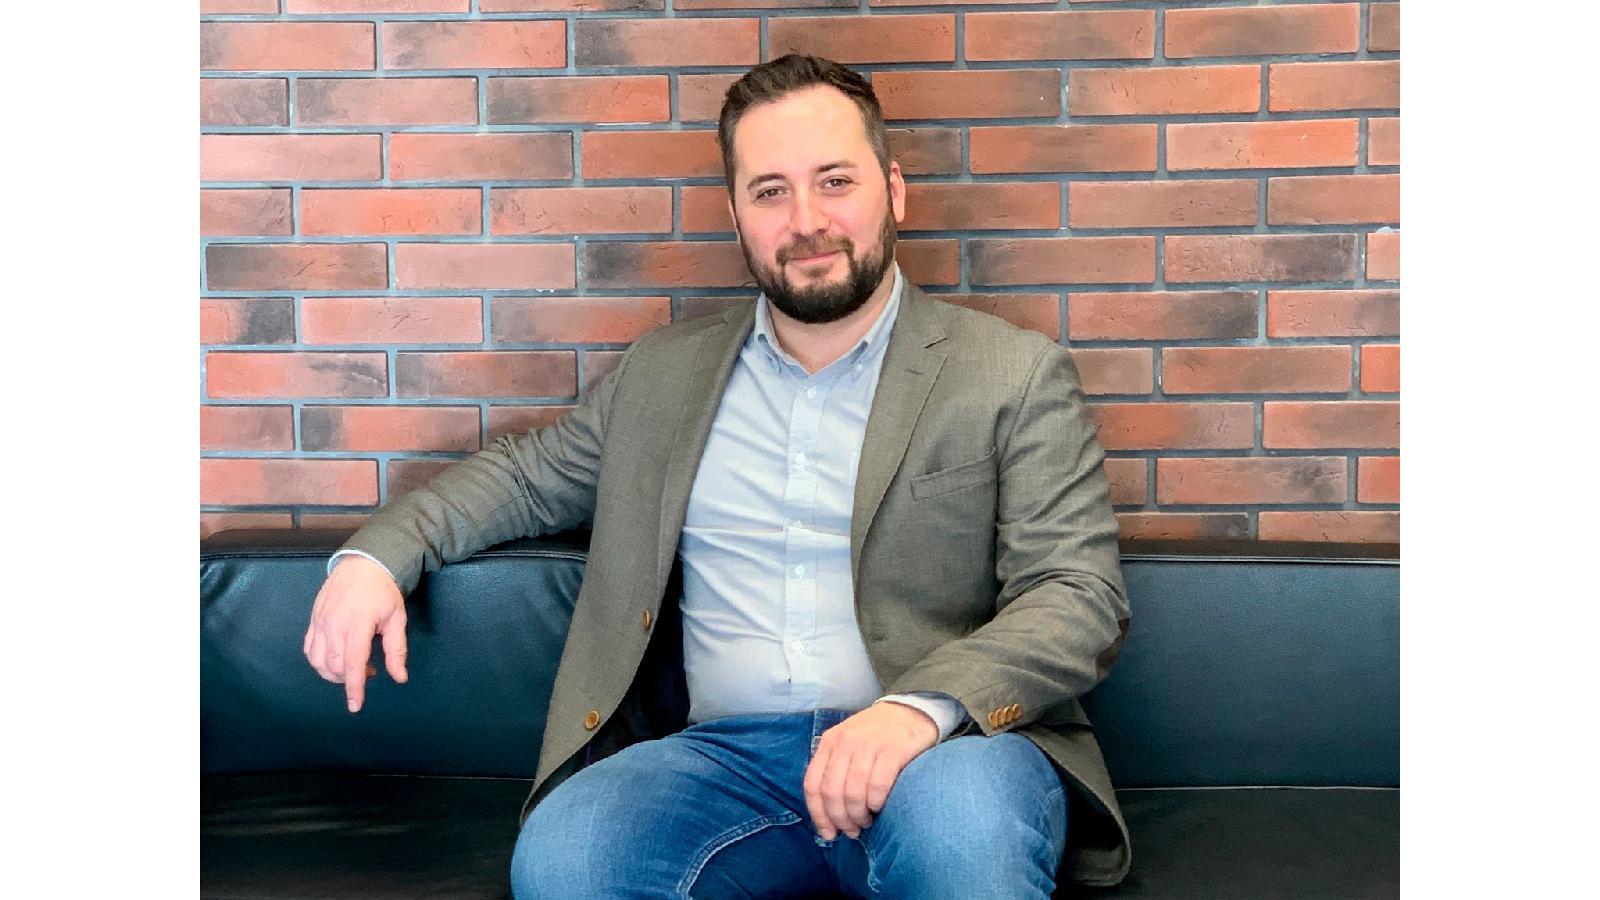 Алексей Иванов занял пост генерального директора компании (тогда — Bauer Media Group Russia) в декабре 2016 года, до этого проработав в ней более 10 лет